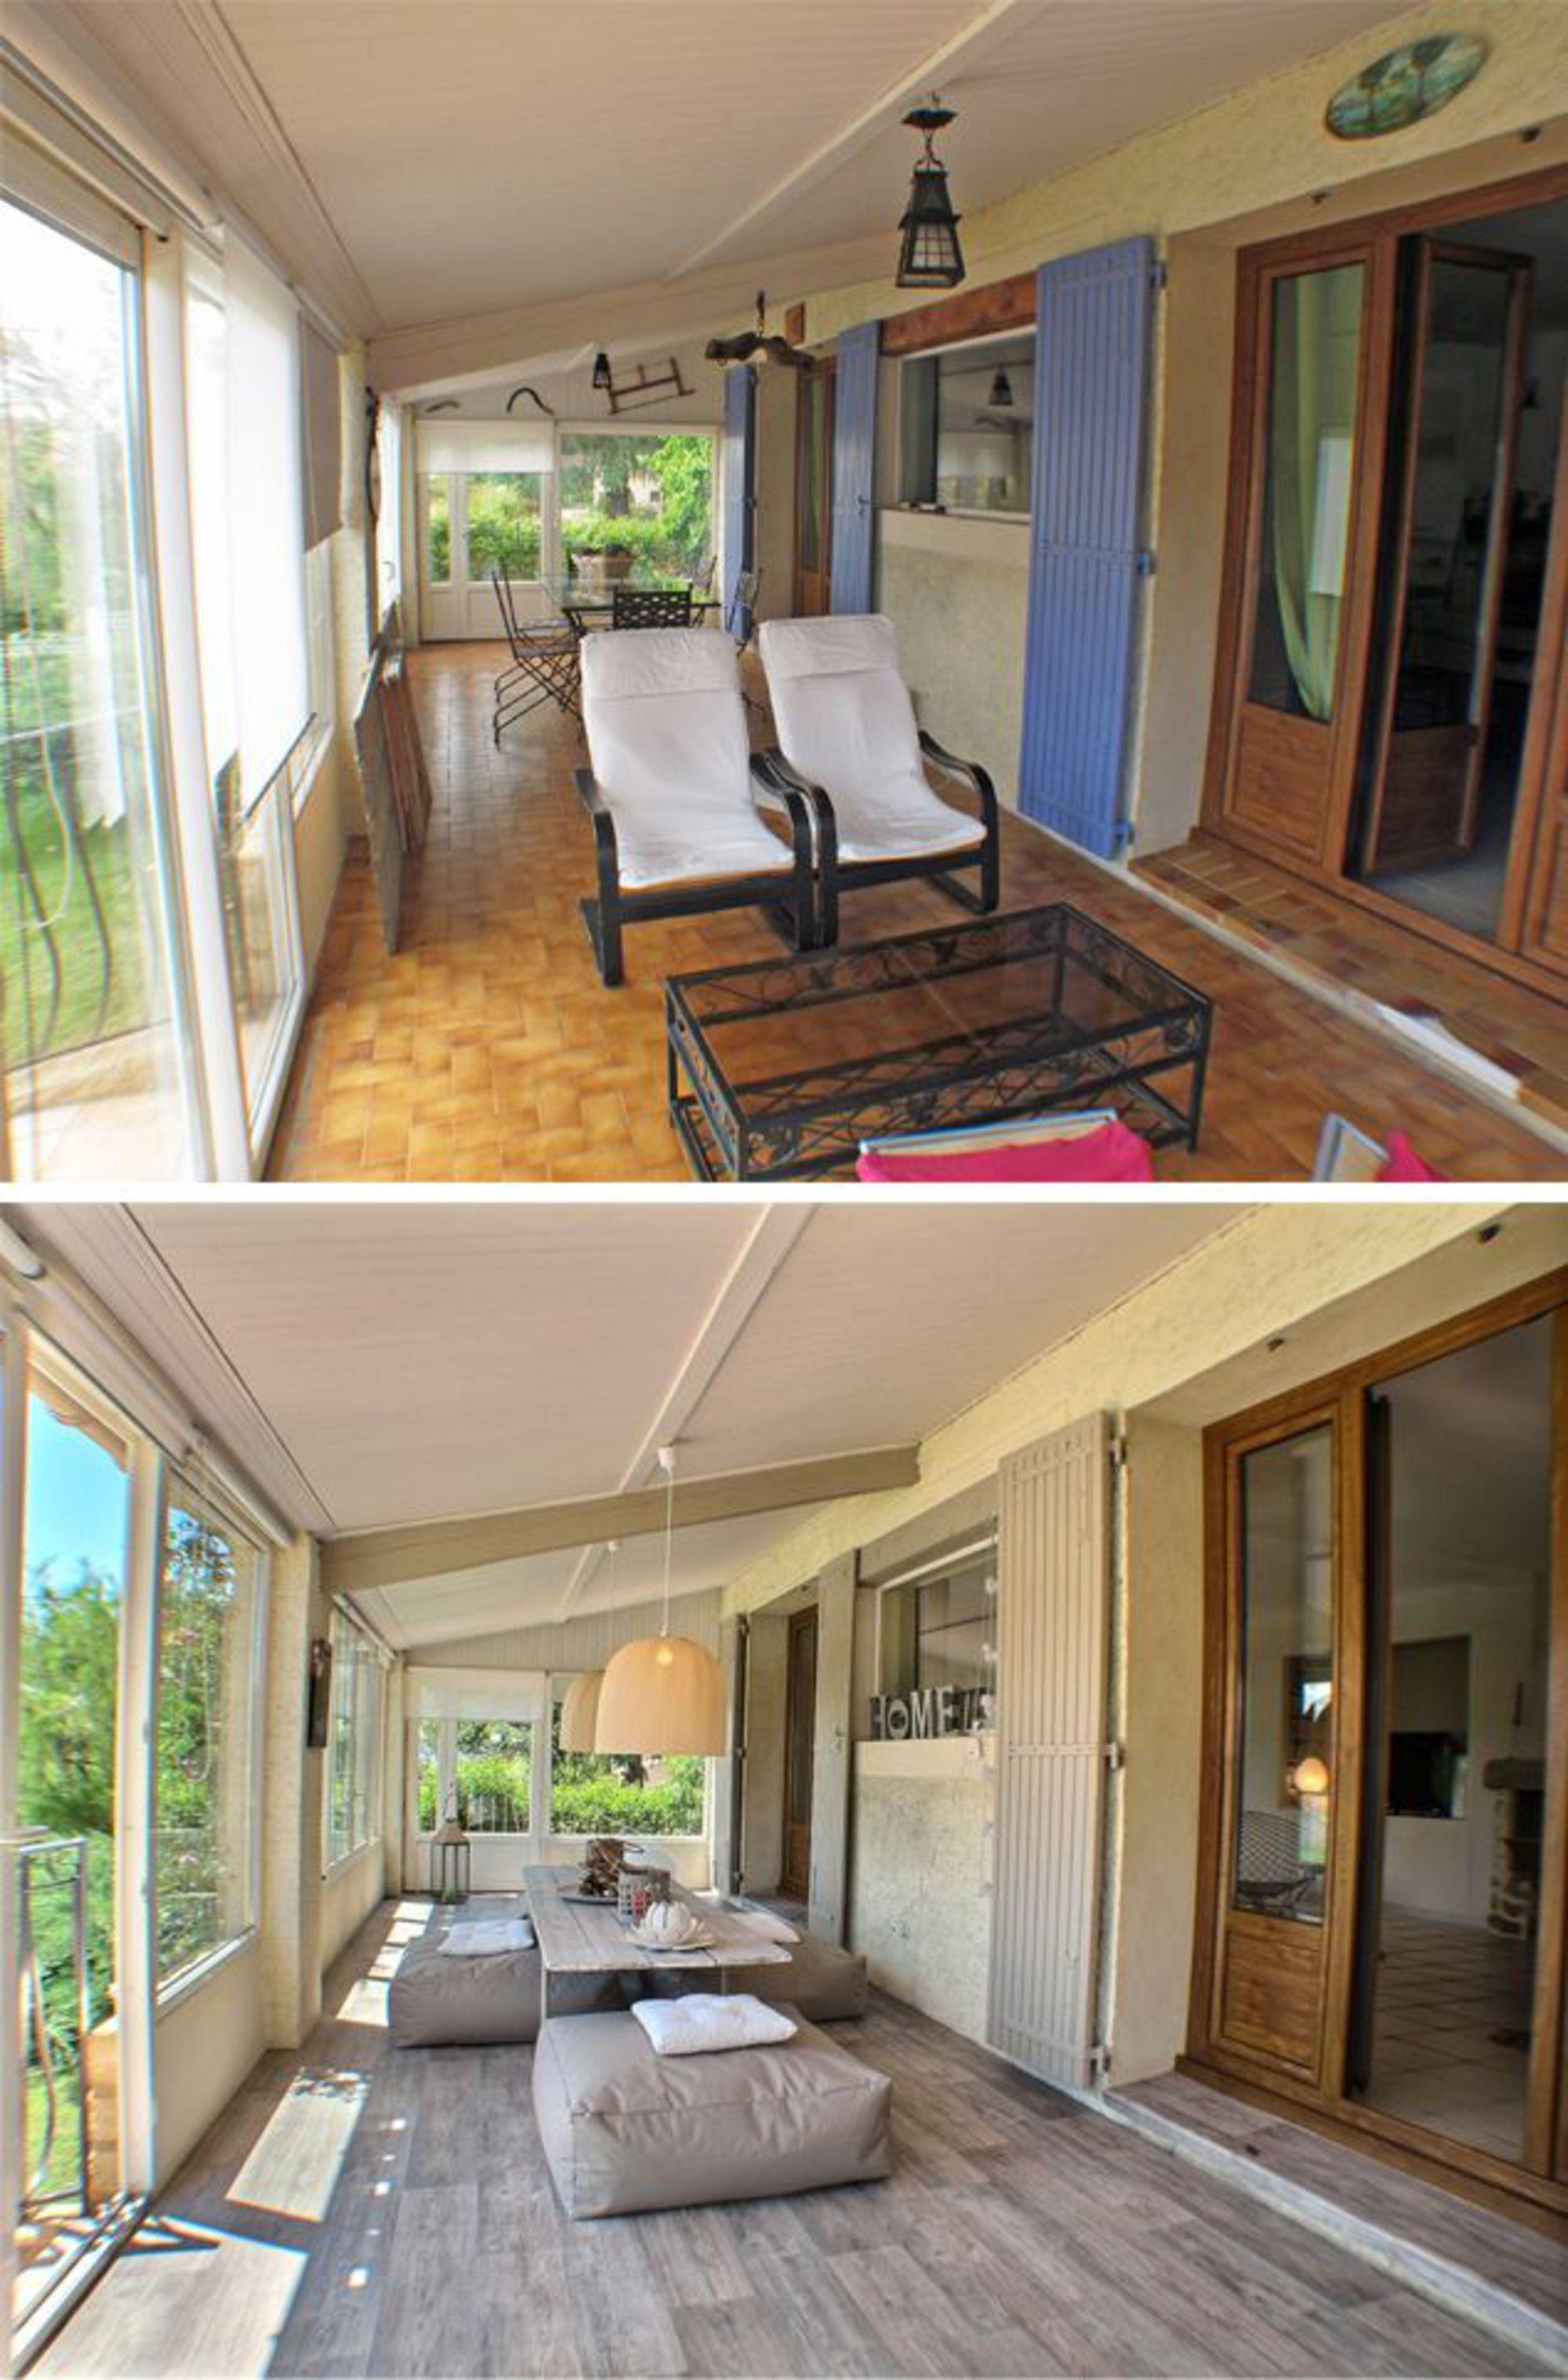 Home Staging Photos Avant Après home staging conseils décoration gratuits pour vendre vite